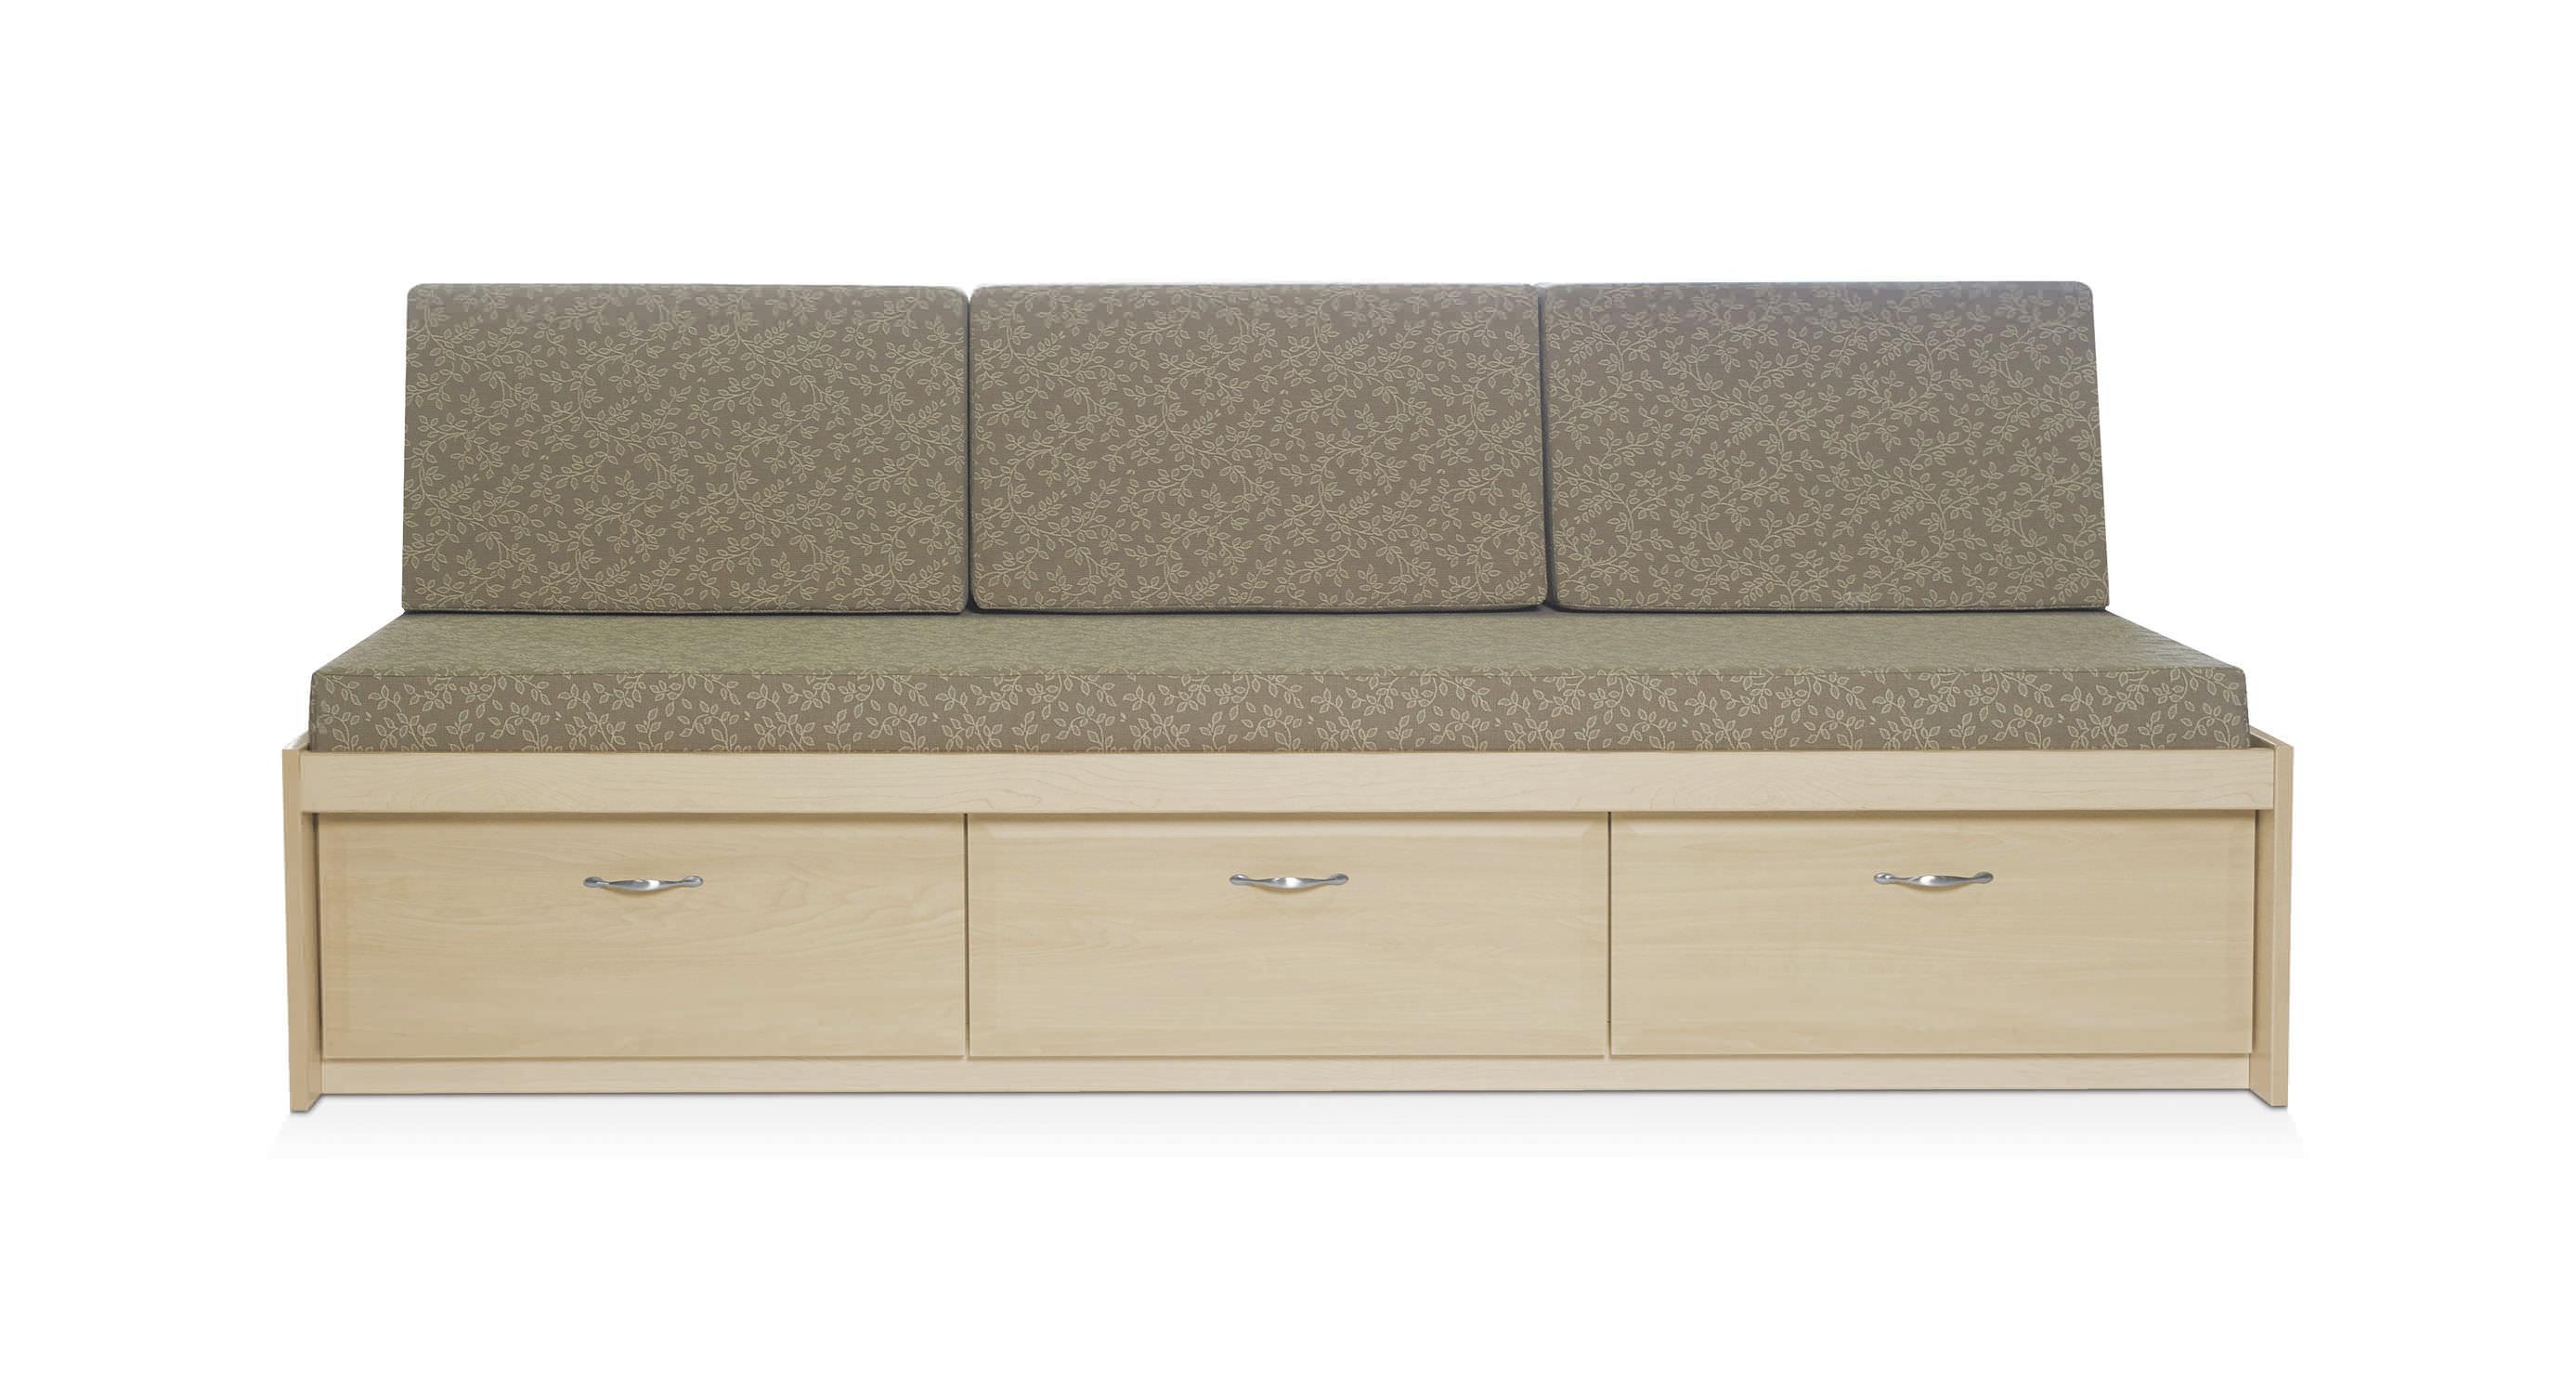 Modernes Sofa / Vinyl / Für Gesundheitseinrichtungen / 3 Plätze   DAY BED